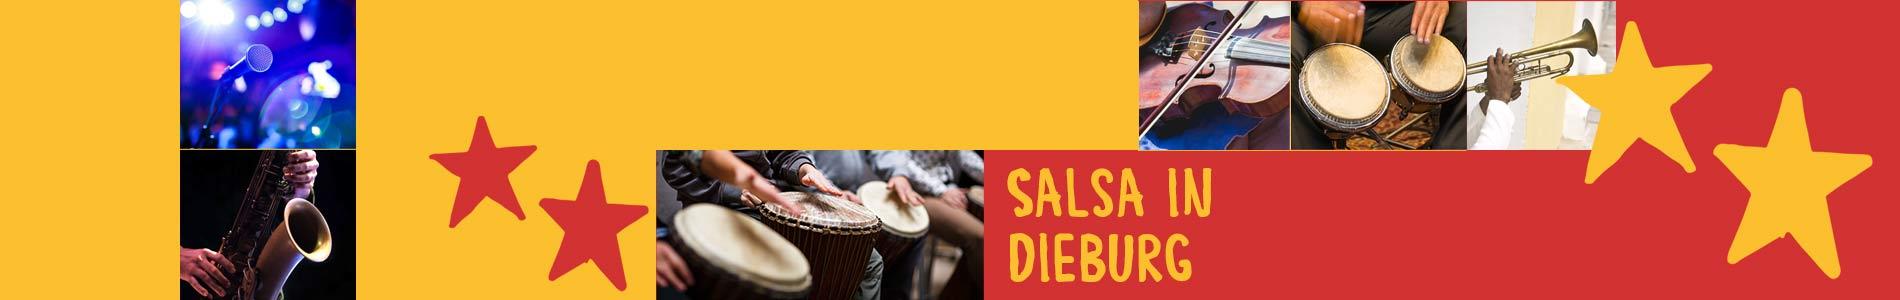 Salsa in Dieburg – Salsa lernen und tanzen, Tanzkurse, Partys, Veranstaltungen